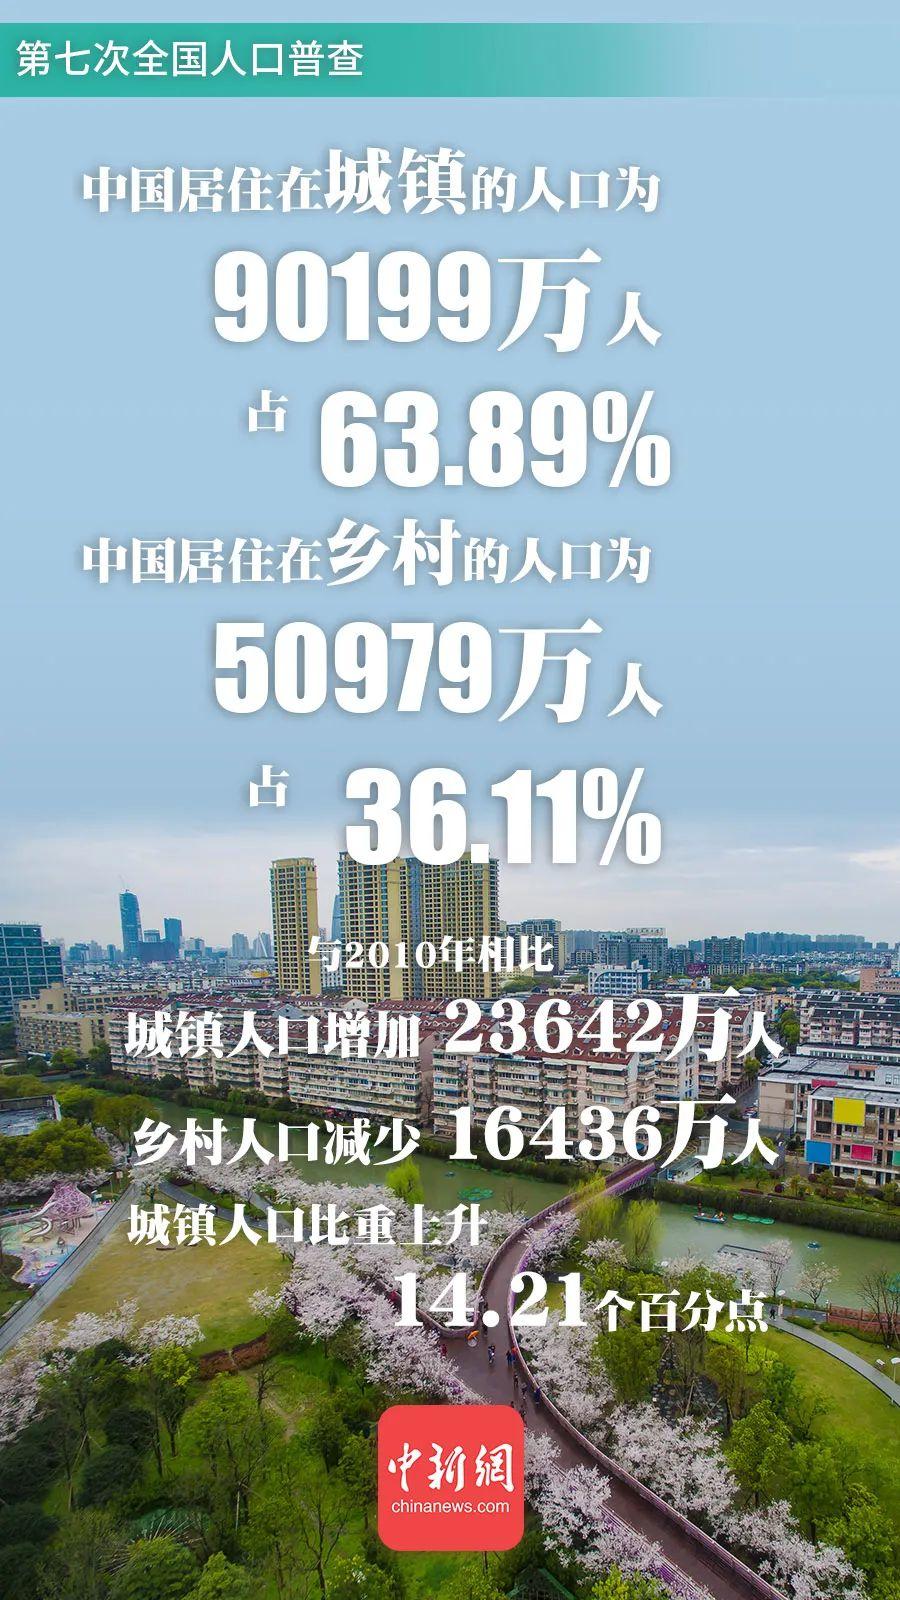 中国人口大县_中国县域人口图鉴:河南百万人口大县最多近百县市人口不足5万